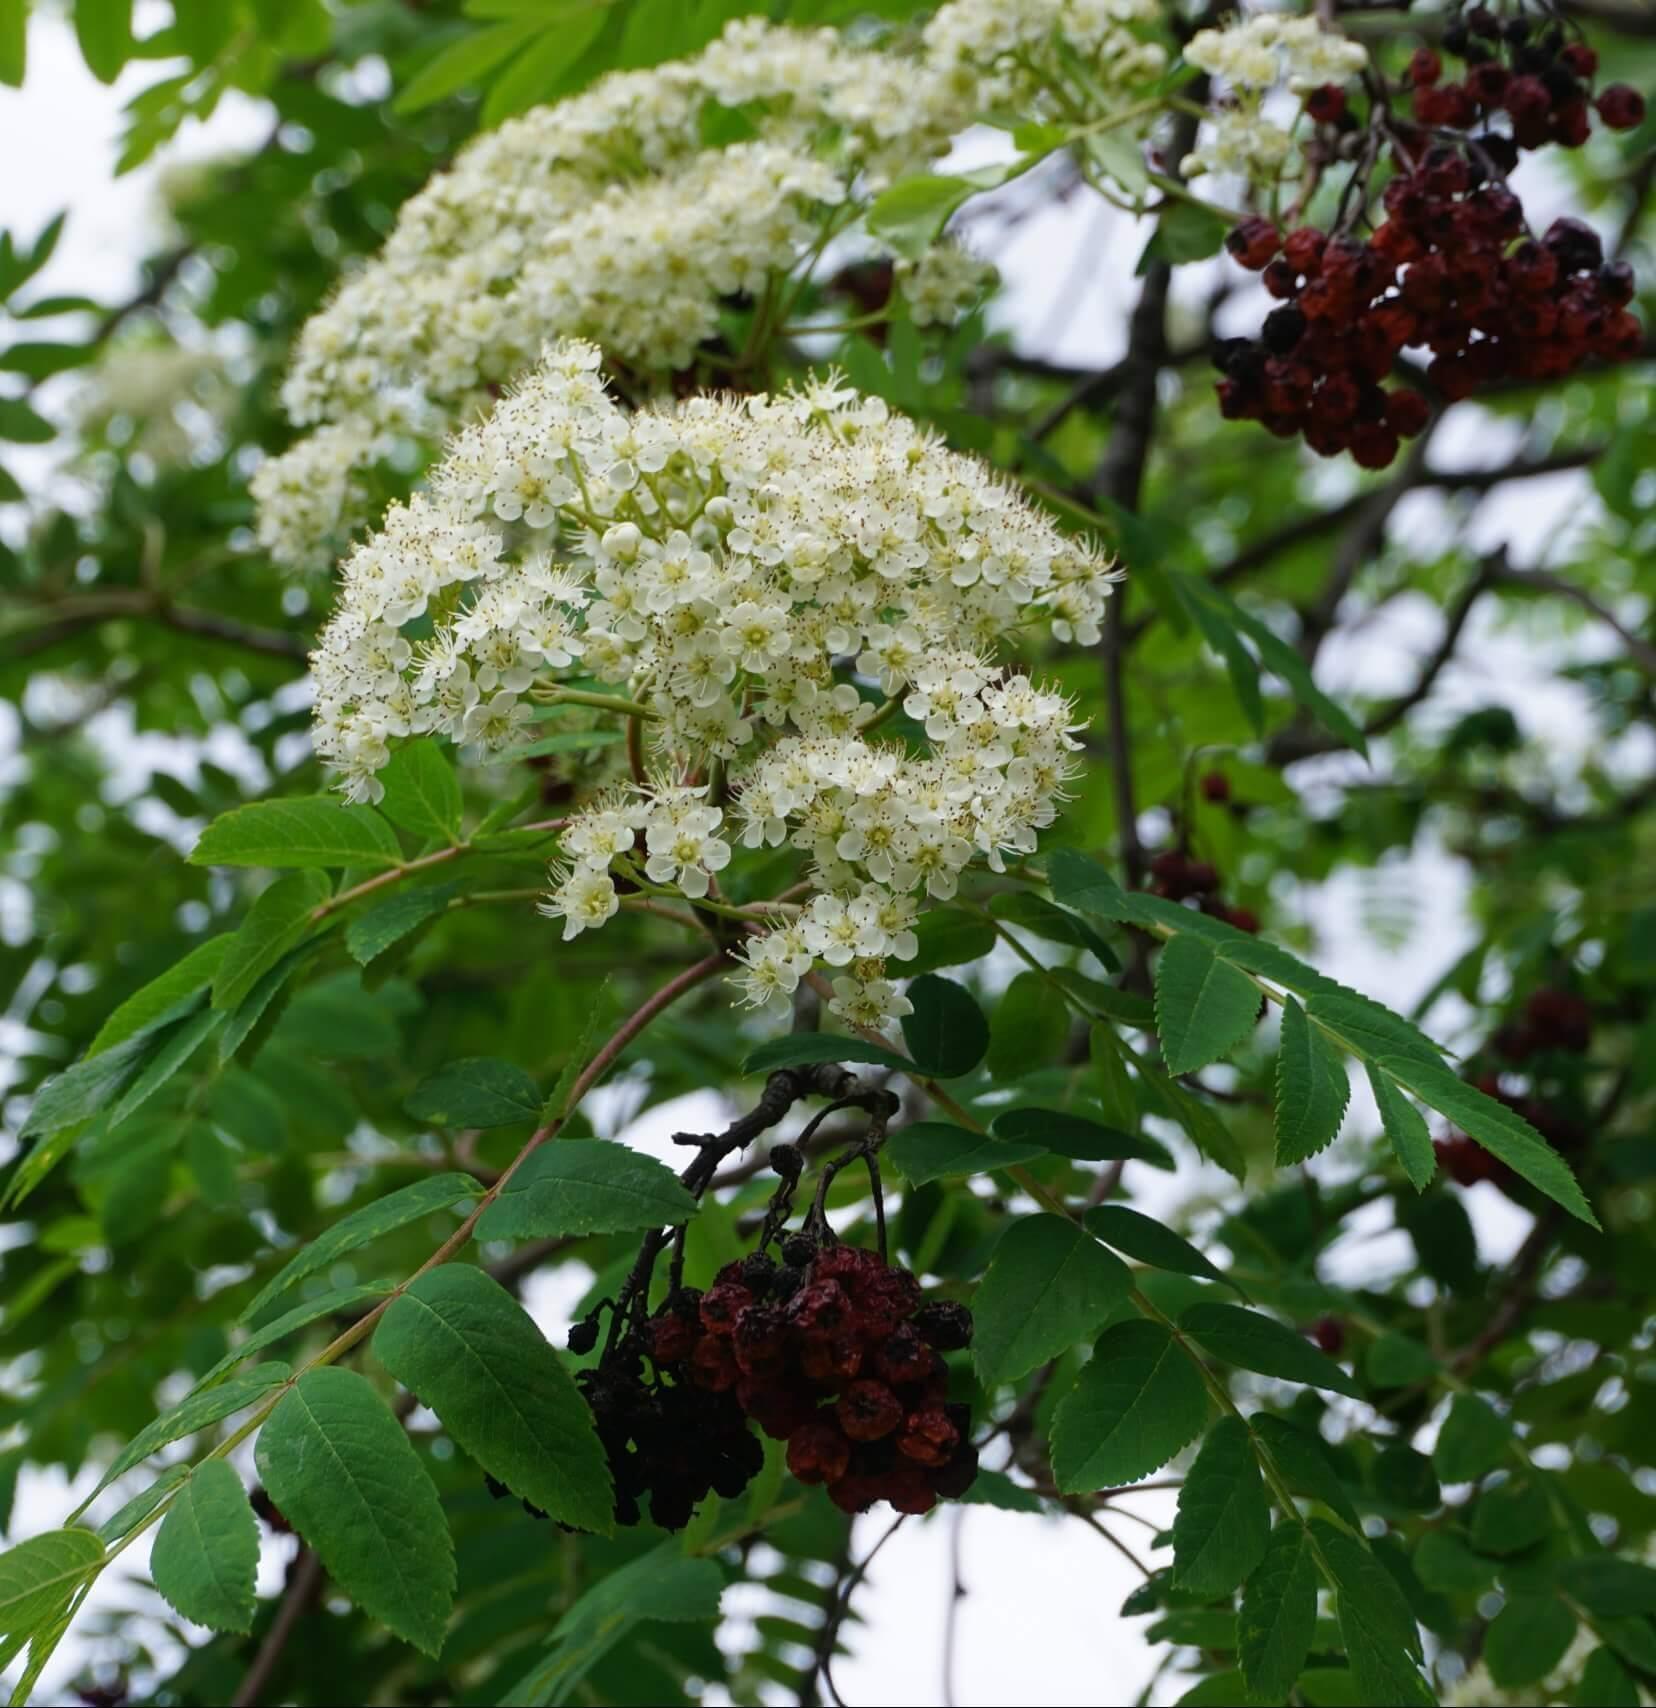 Das Bild zeigt die der Schwedischen Mehlbeere sehr ähnlich sehenden Blütenrispen einer Eberesche, aus fünfzählig mit weißen Kronblättern versehenen Einzelblüten. Die Staubblätter besitzen weiße Staubfäden und gelbe Staubbeutel. Hier an einem Baum im Kosmosviertel.